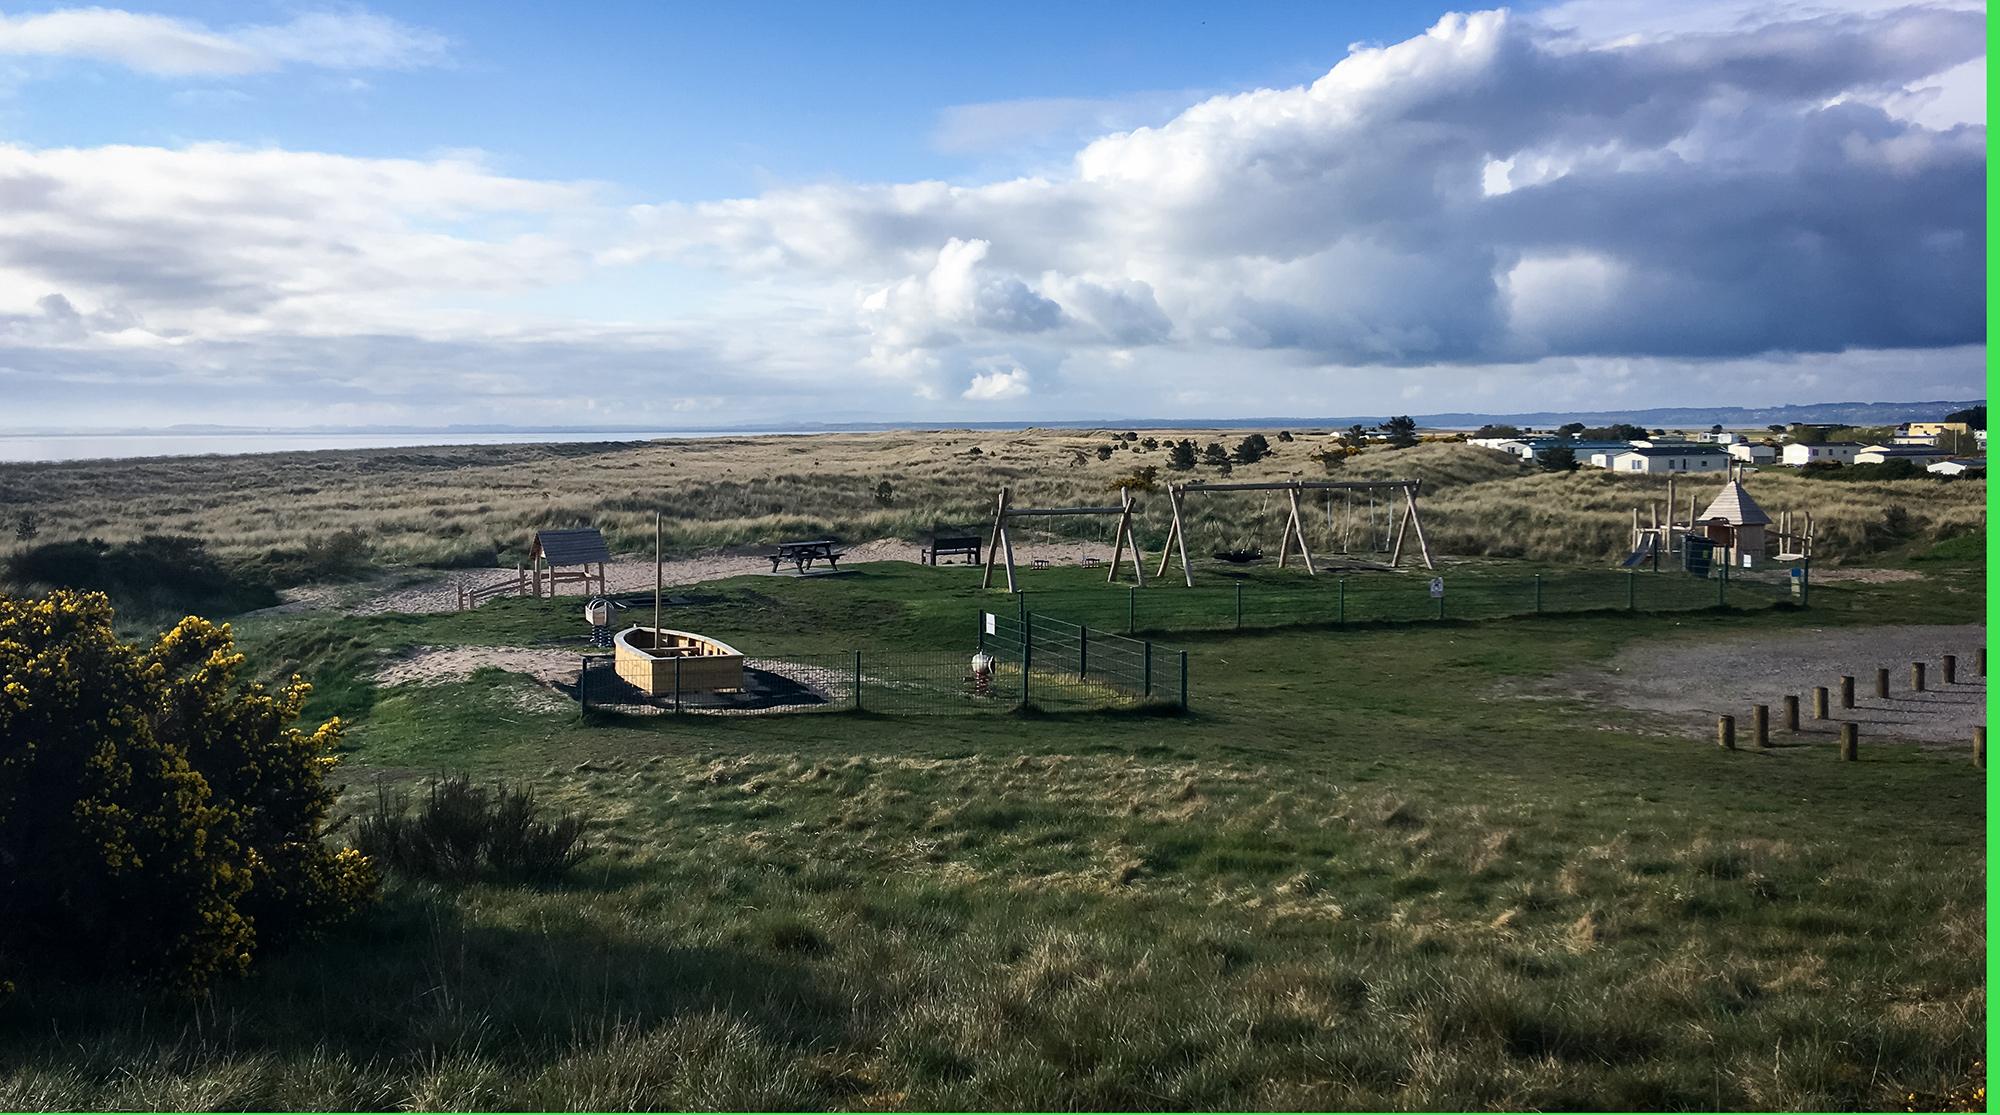 Der Campingplatz am Dornoch Beach mit Spielplatz